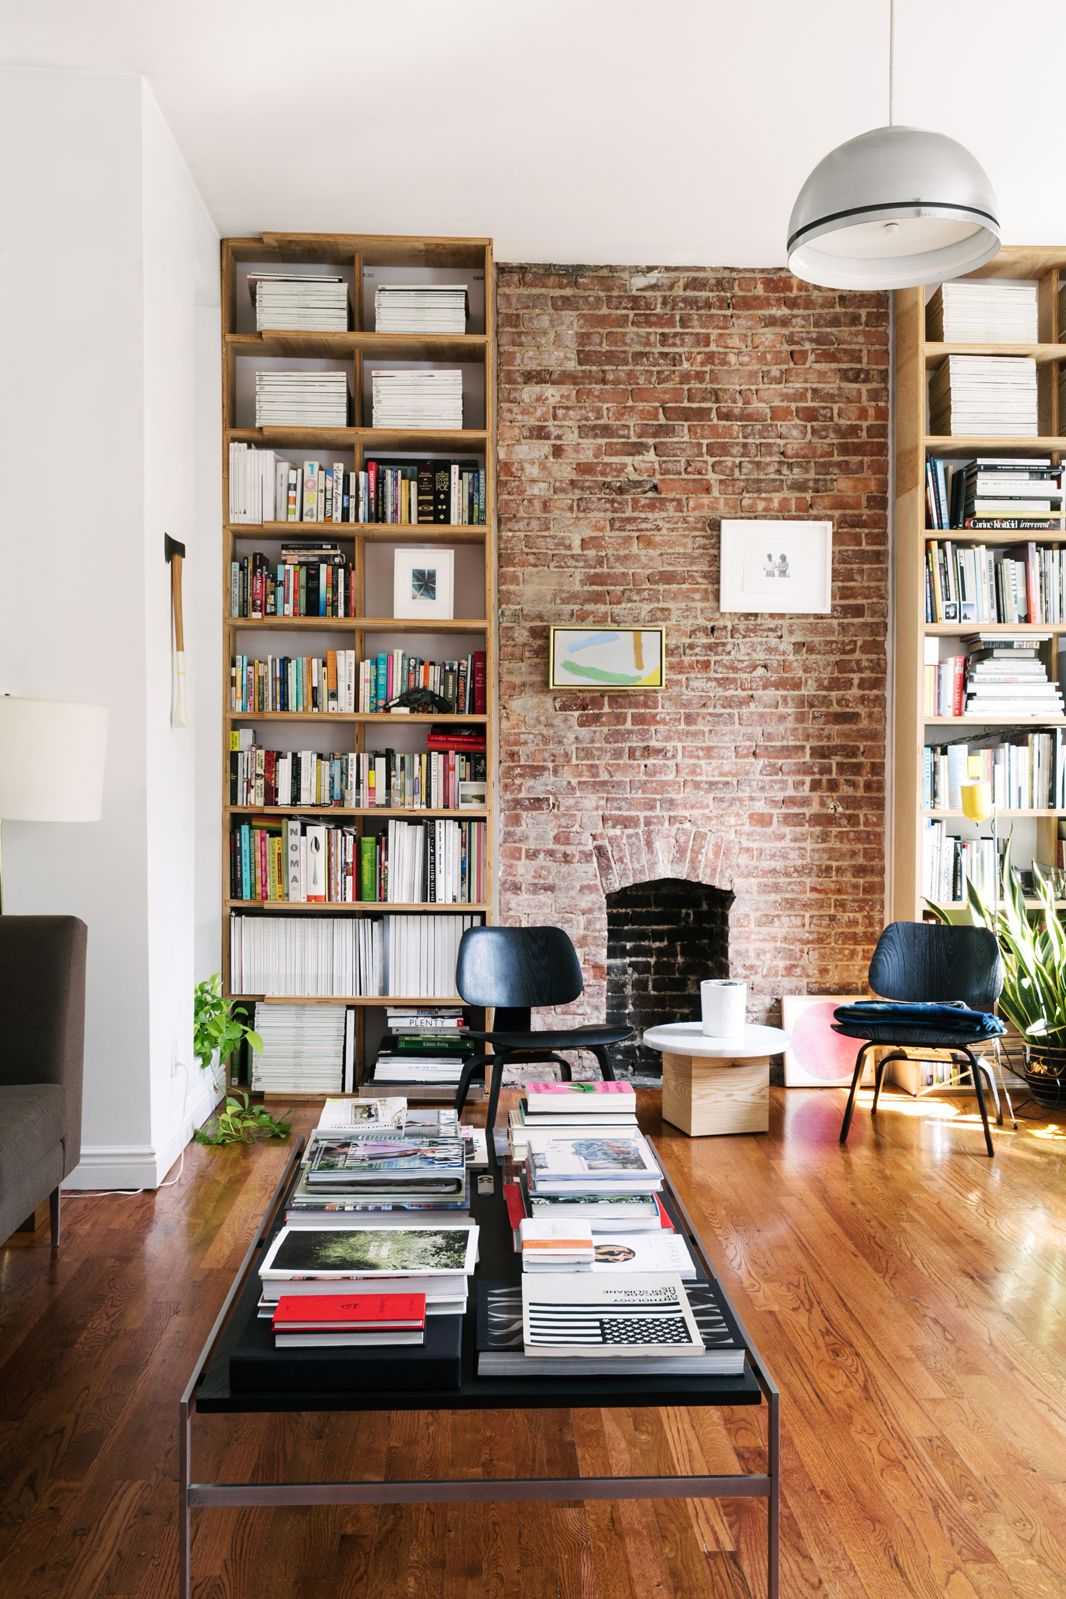 Idée de bibliothèque originale pour son salon